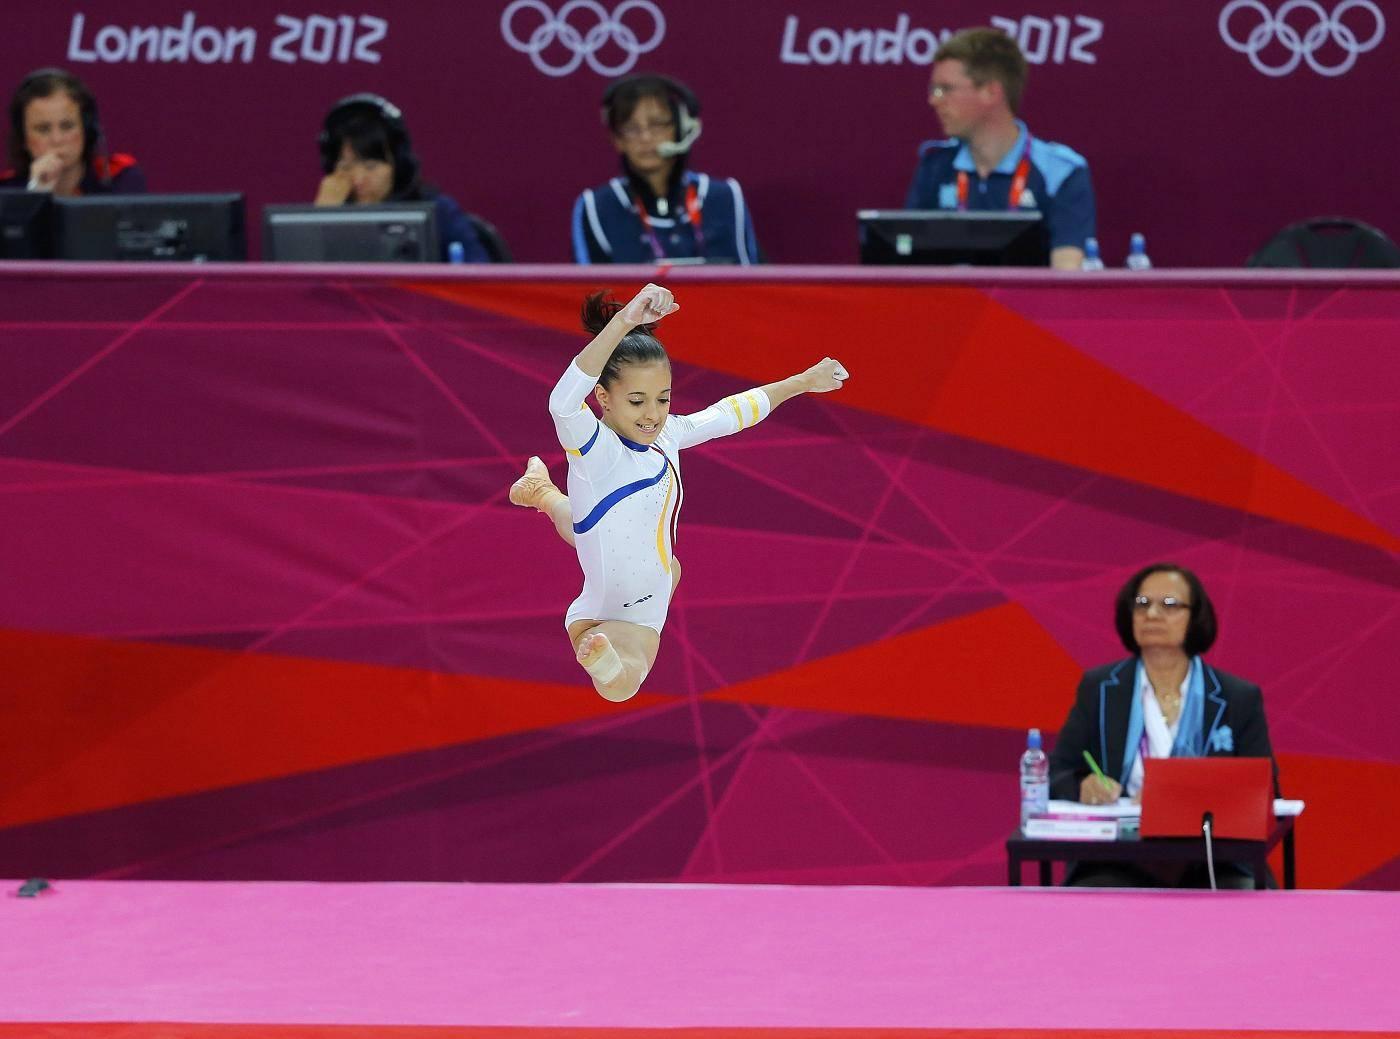 FIG: Mai multi arbitri au dat dovada de partinire in concursul feminin de gimnastica de la JO